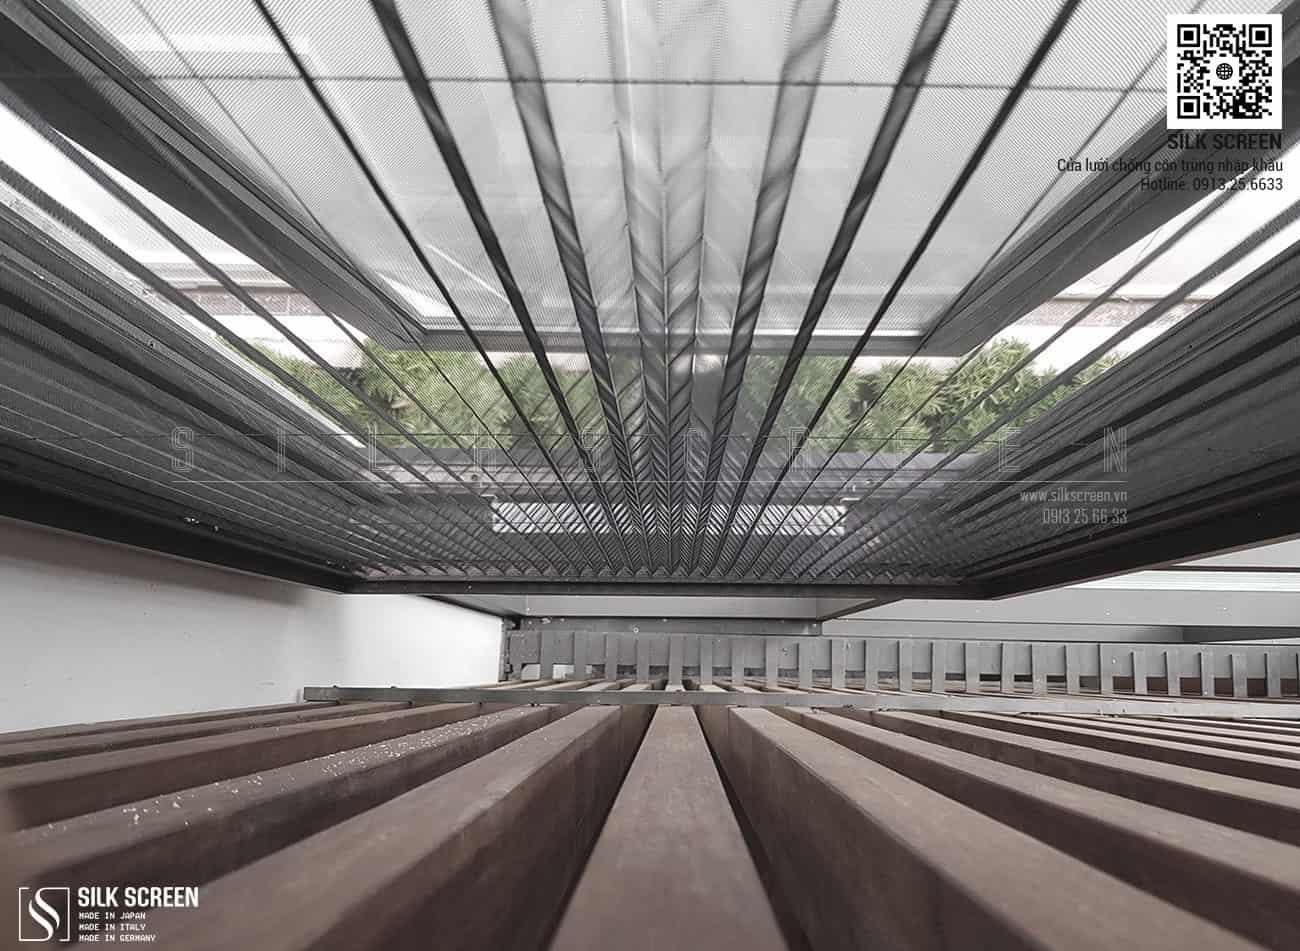 Lắp đặt cửa lưới chống côn trùng Silk Screen tại Anh Đào Villas